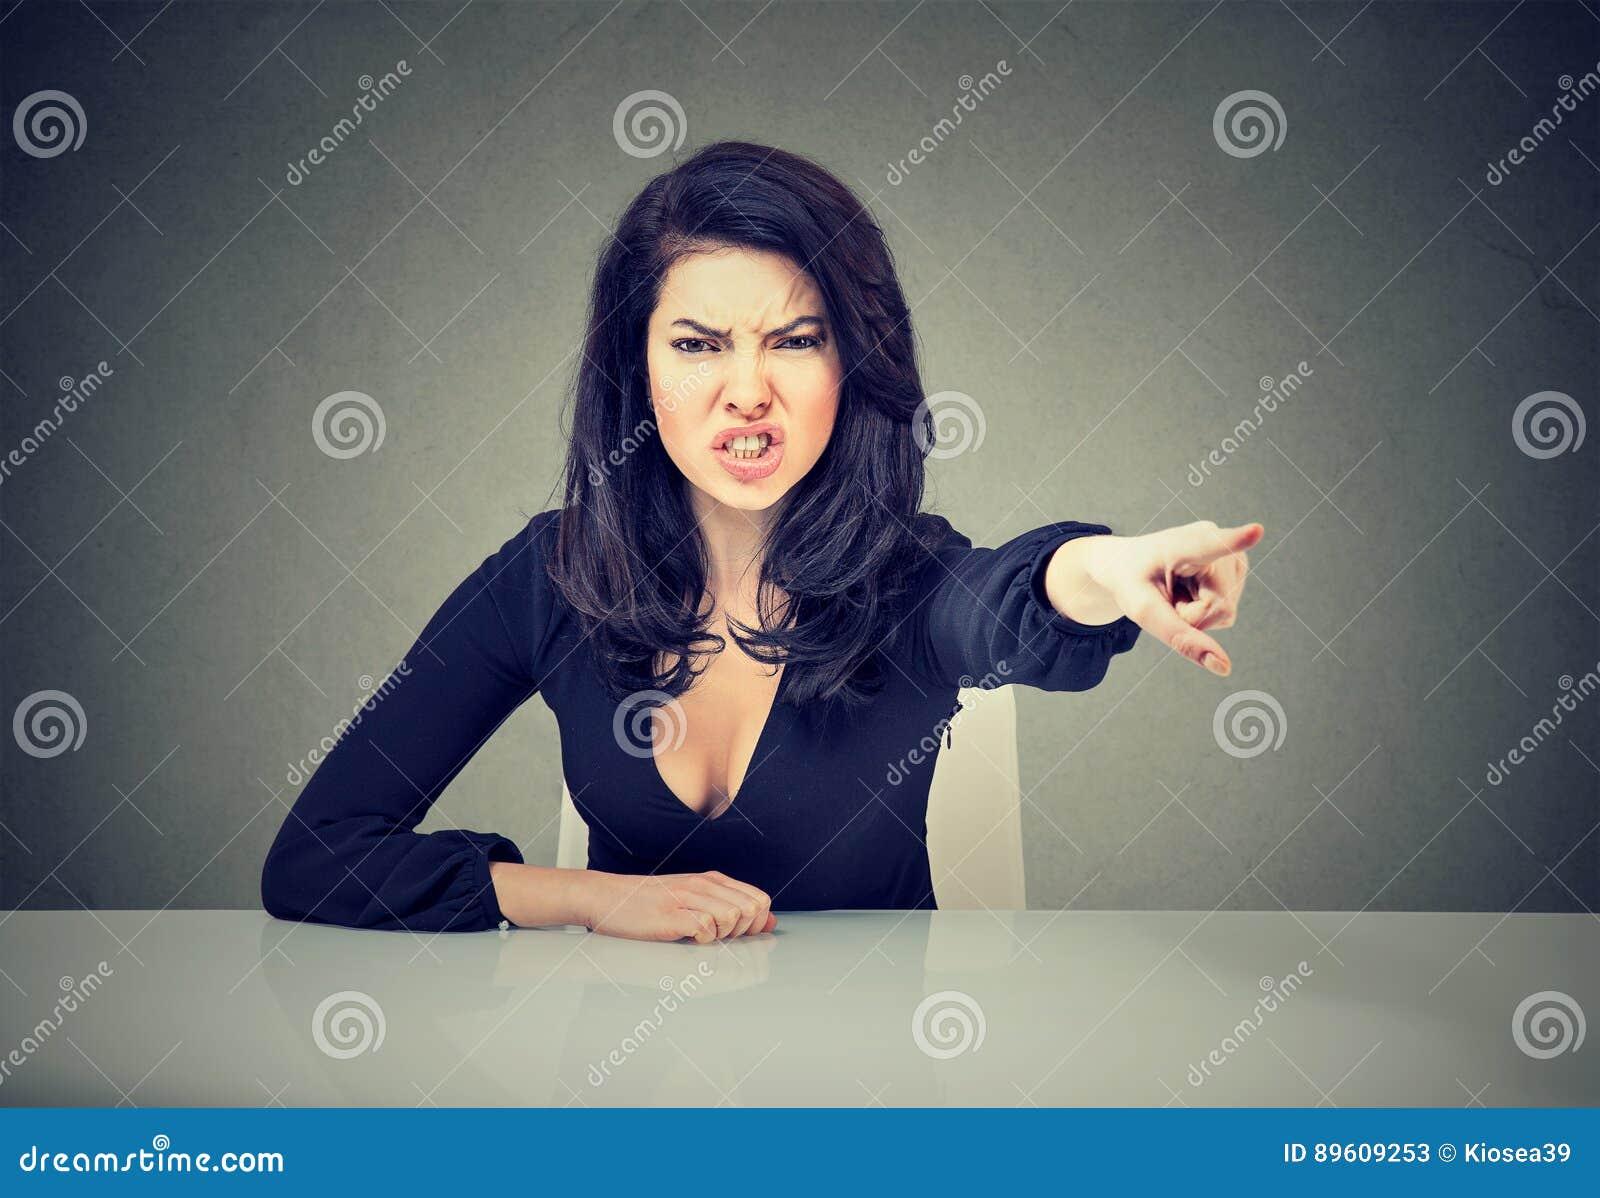 συνεδρίαση επιχειρησιακών γυναικών στην υπόδειξή της γραφείων και κραυγής με το δάχτυλοη που βγαίνει